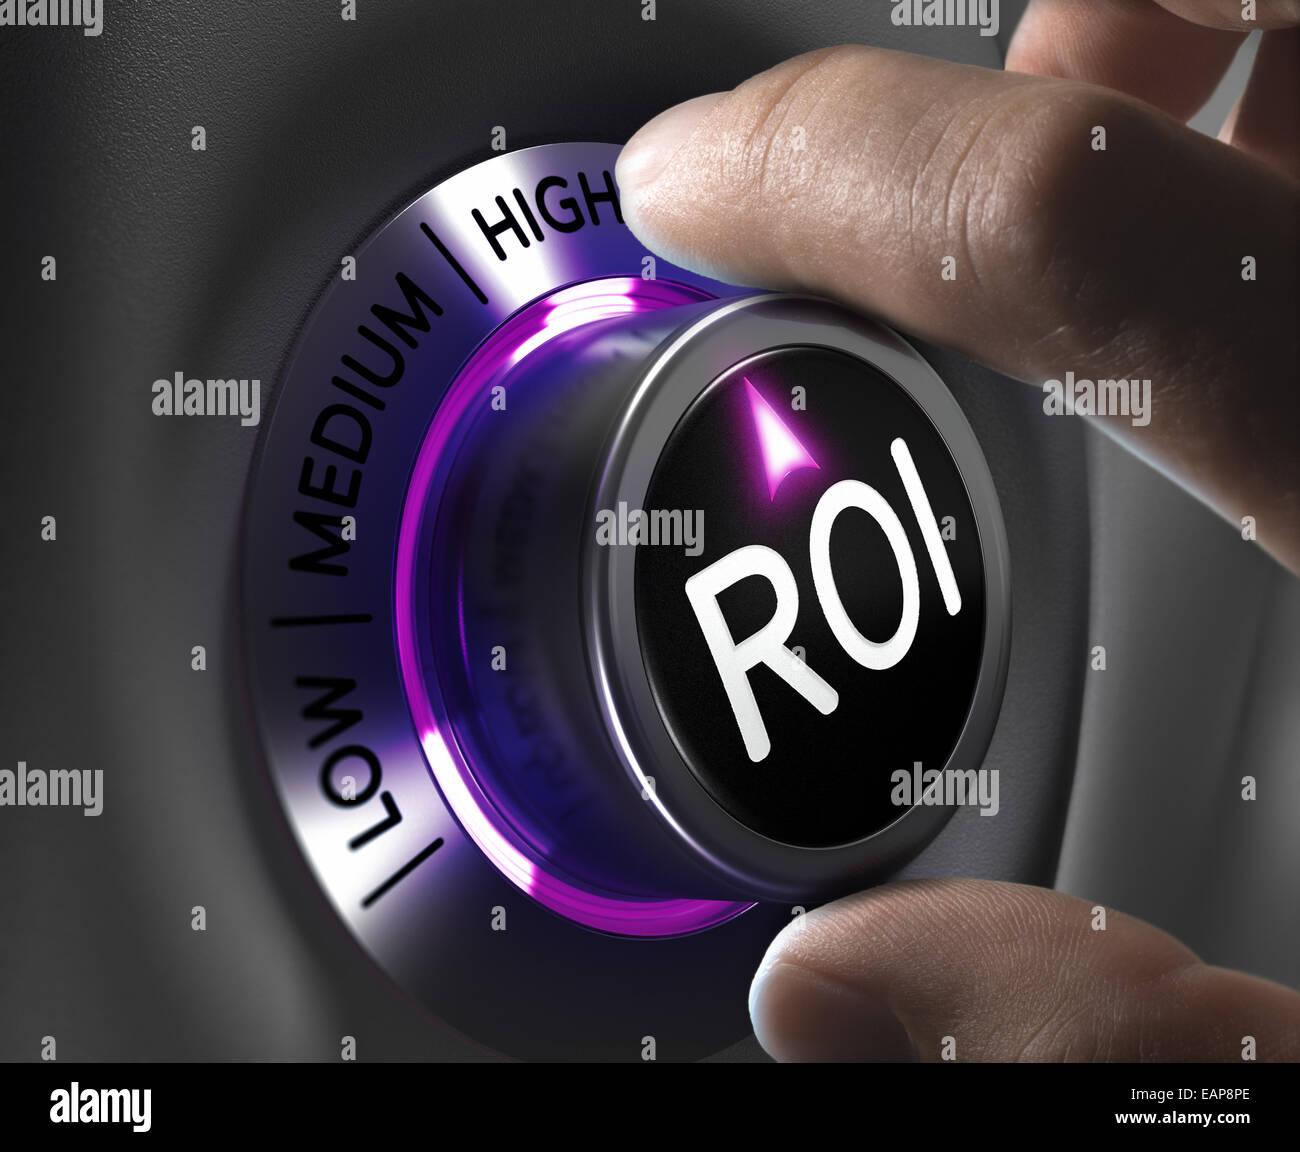 Ritorno sugli investimenti, il ROI di concetto, due dita girando il pulsante nella posizione più alta. Immagine Immagini Stock